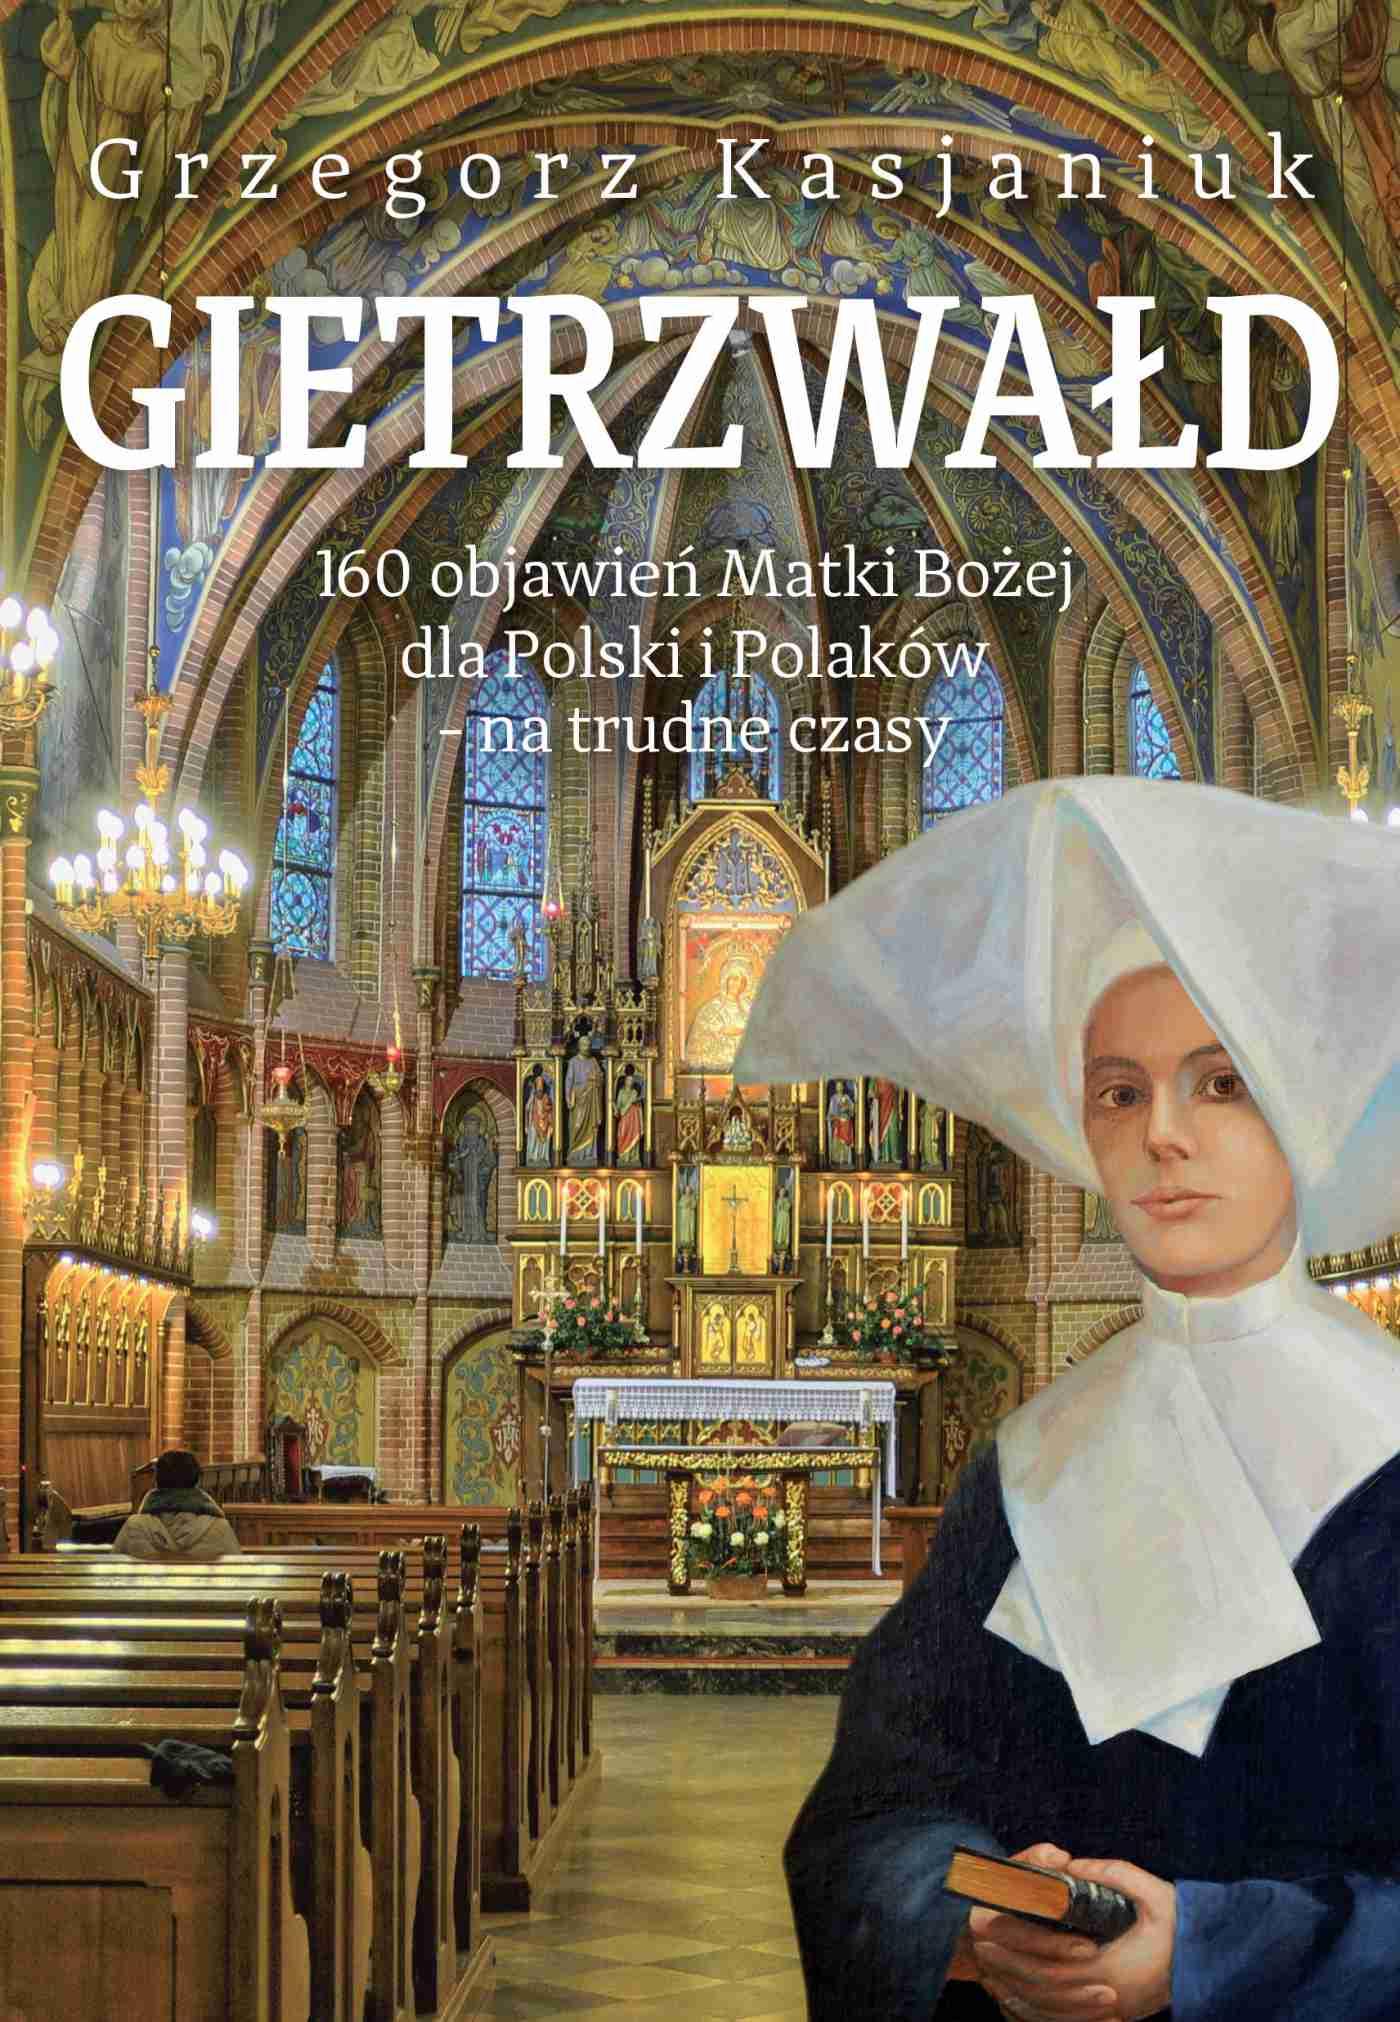 Gietrzwałd. 160 objawień Matki Bożej dla Polski i Polaków - na trudne czasy - Ebook (Książka EPUB) do pobrania w formacie EPUB